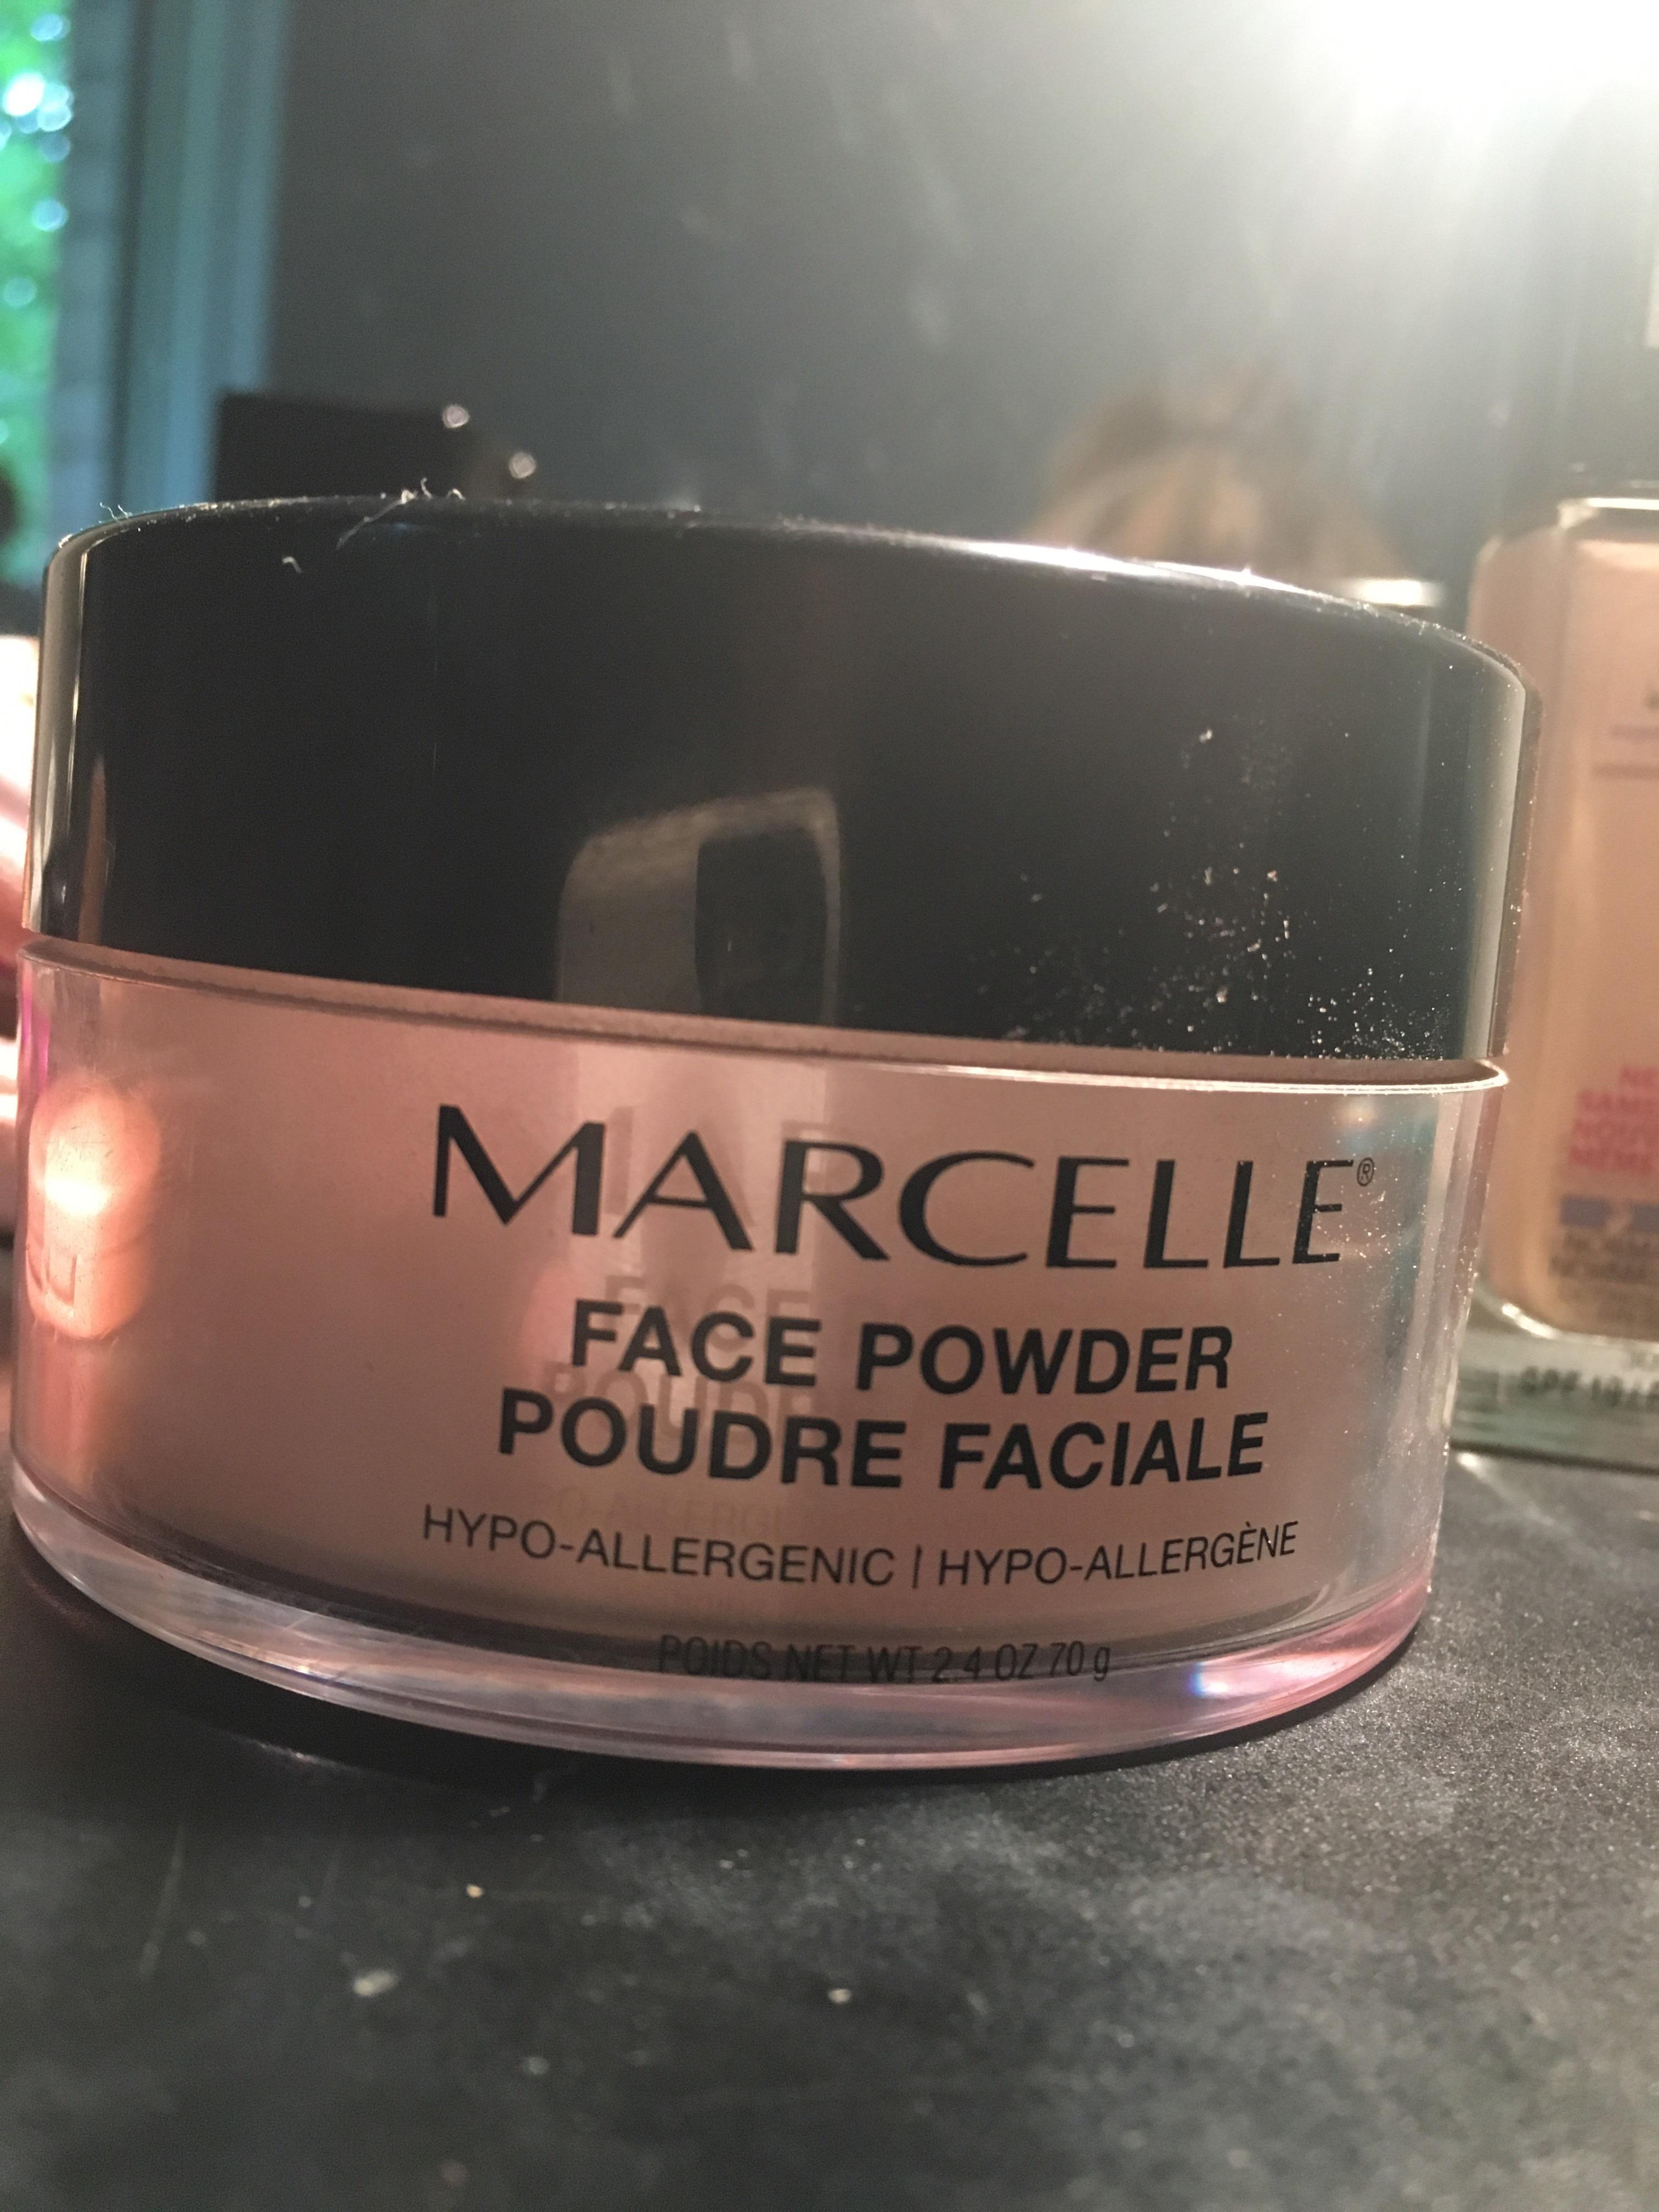 Mascara makeup reviews